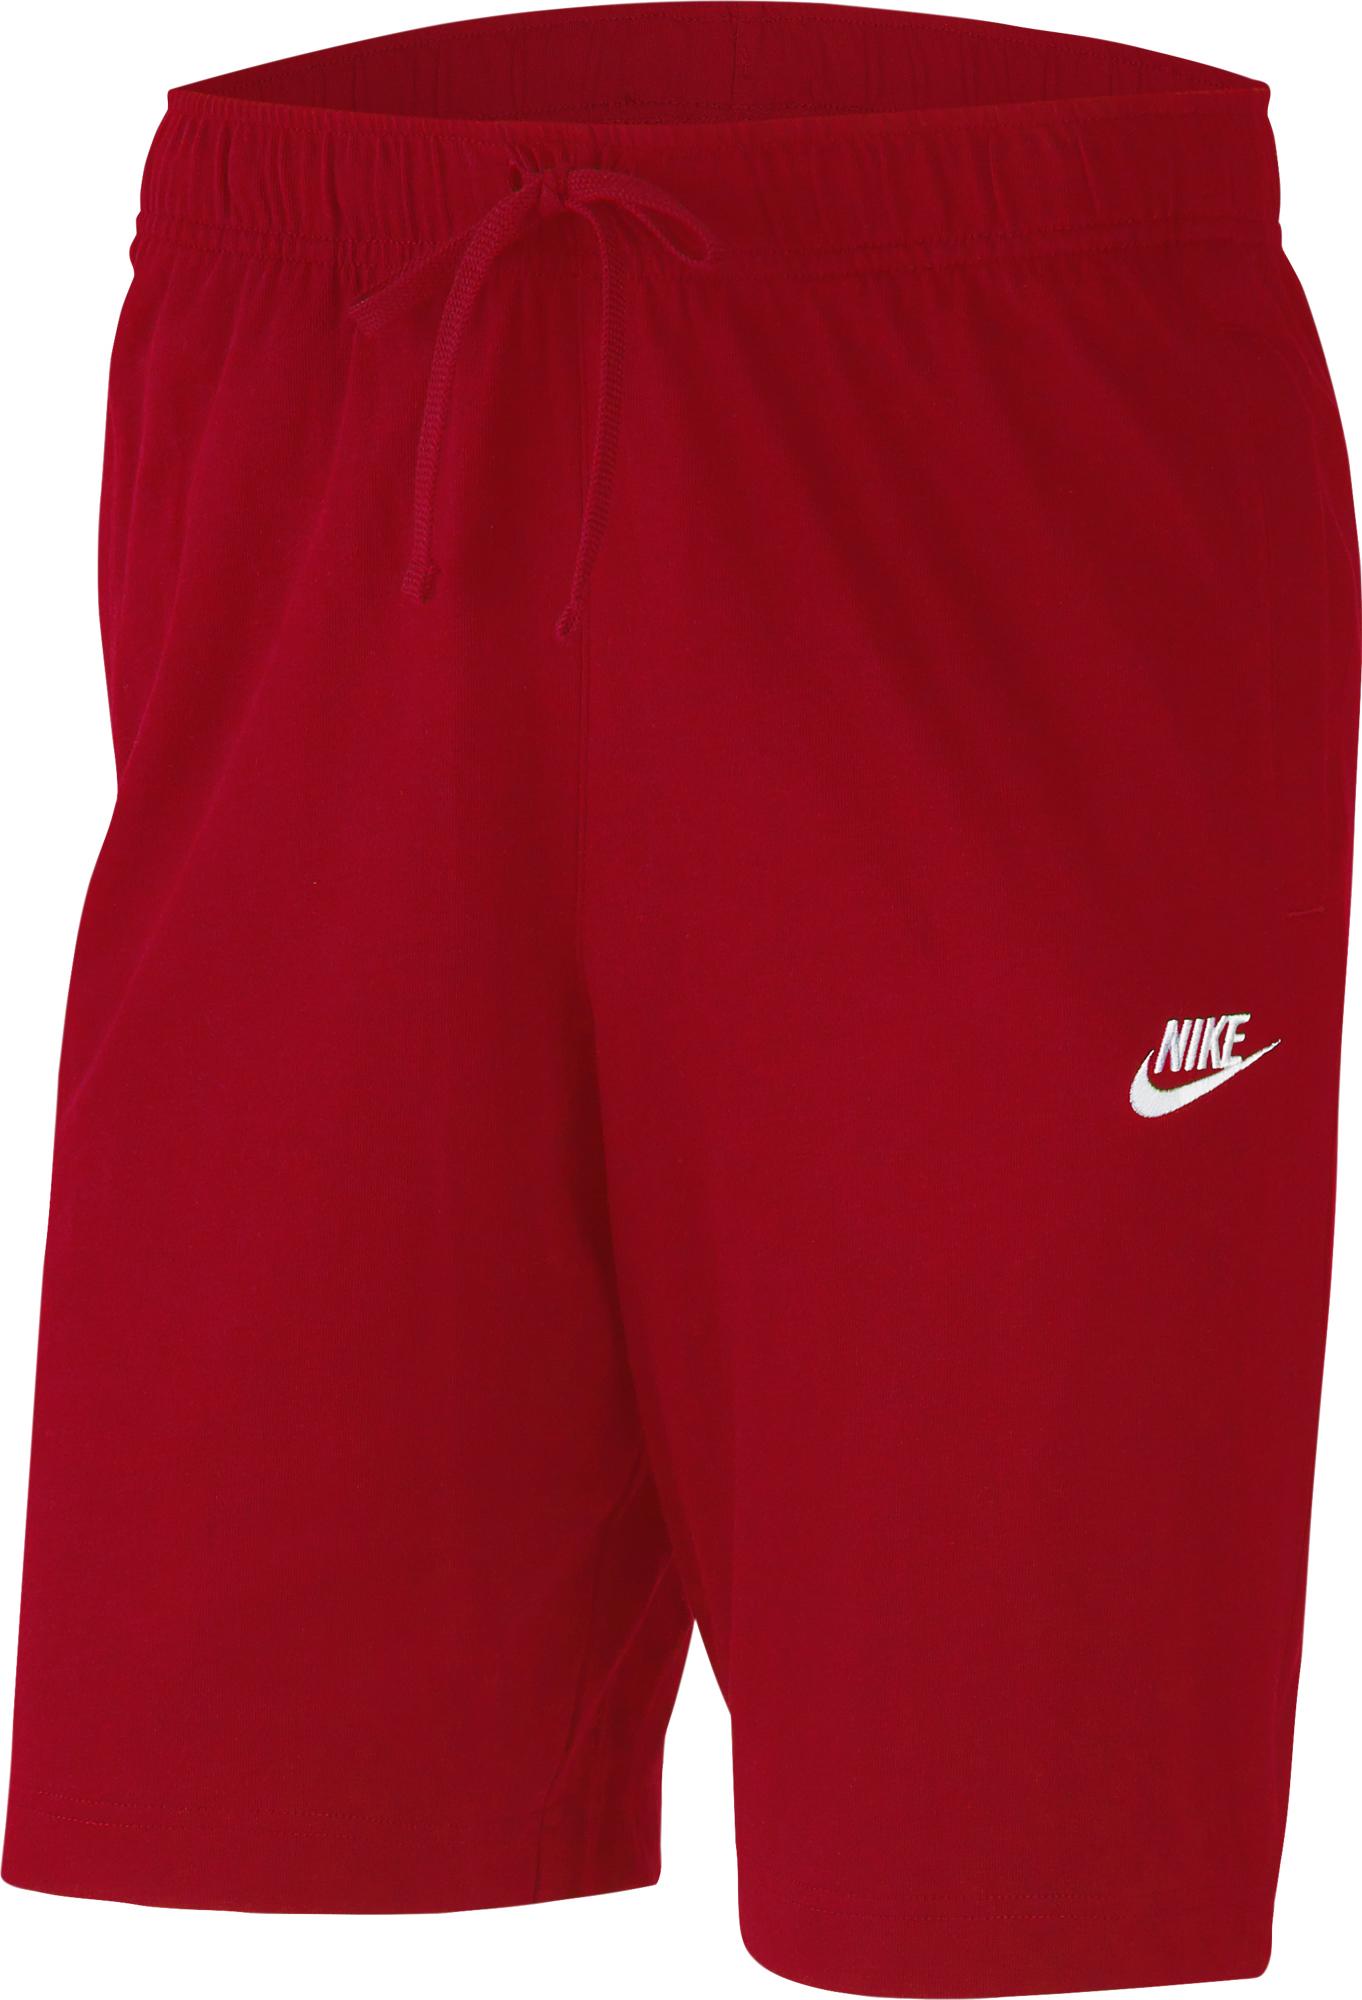 Фото - Nike Шорты мужские Nike Sportswear Club, размер 44-46 nike шорты мужские nike sportswear club размер 44 46